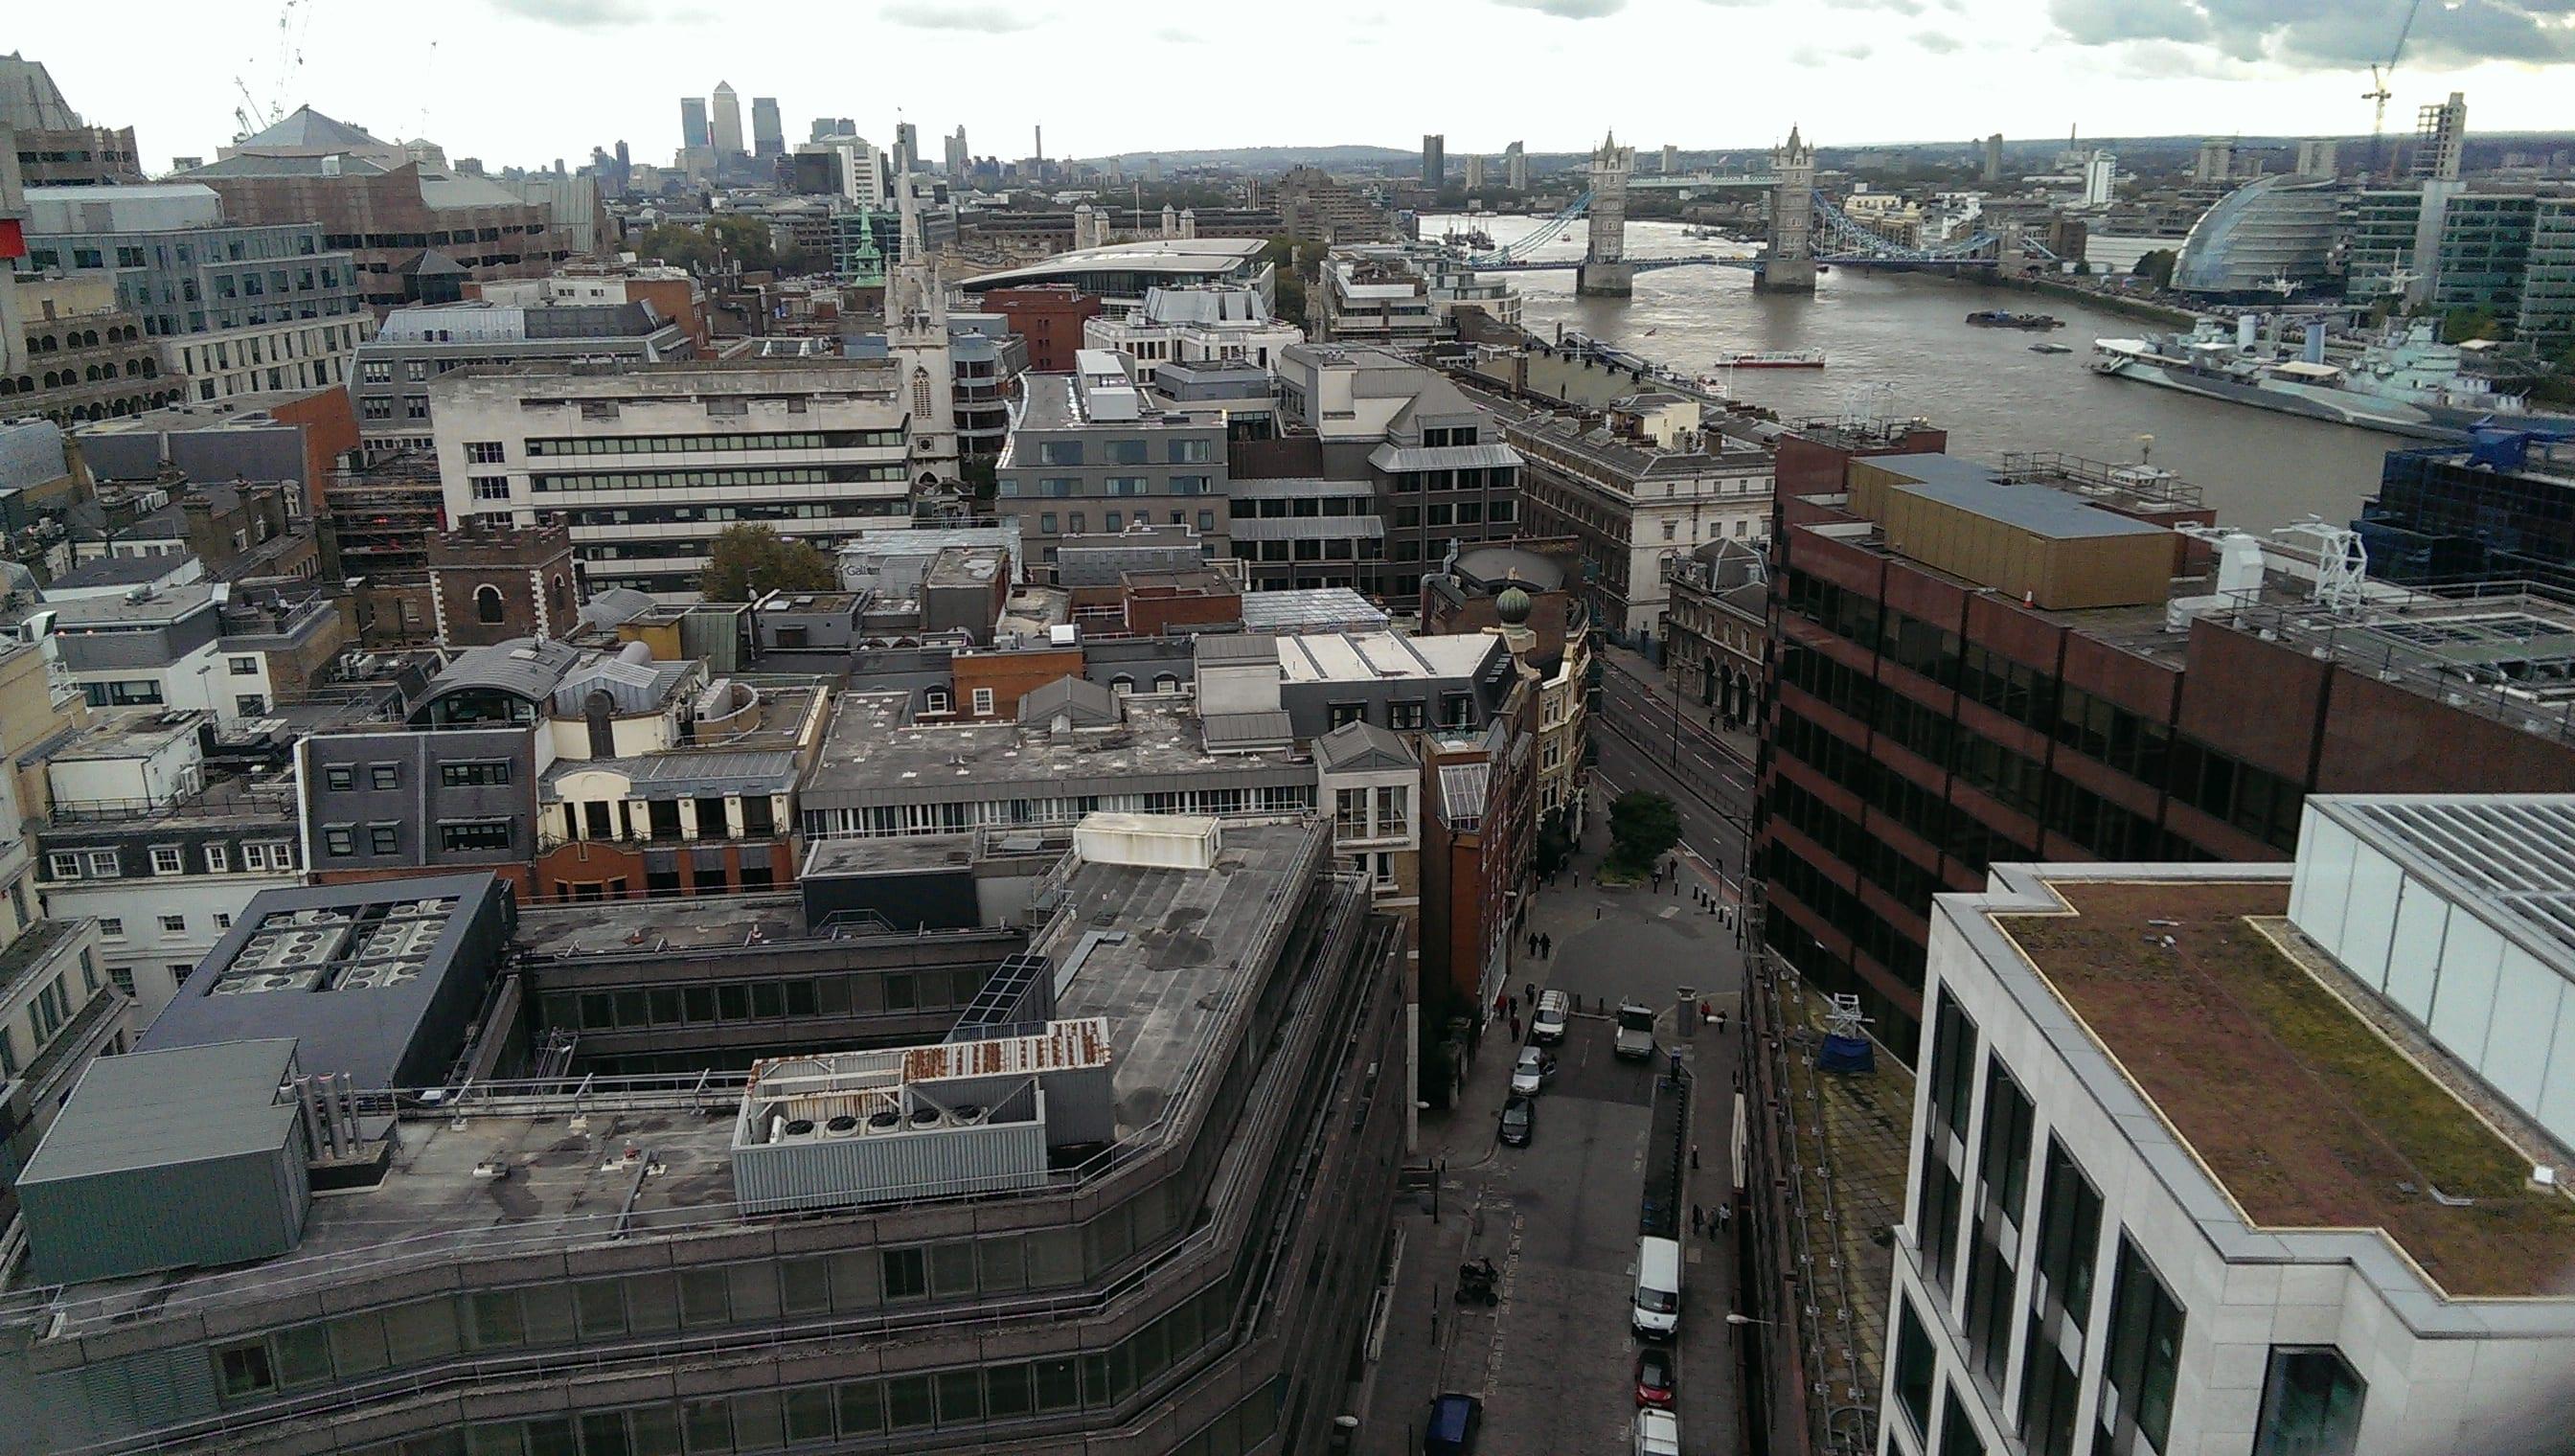 Fantastische Sicht über ganz London und auf die Tower Bridge